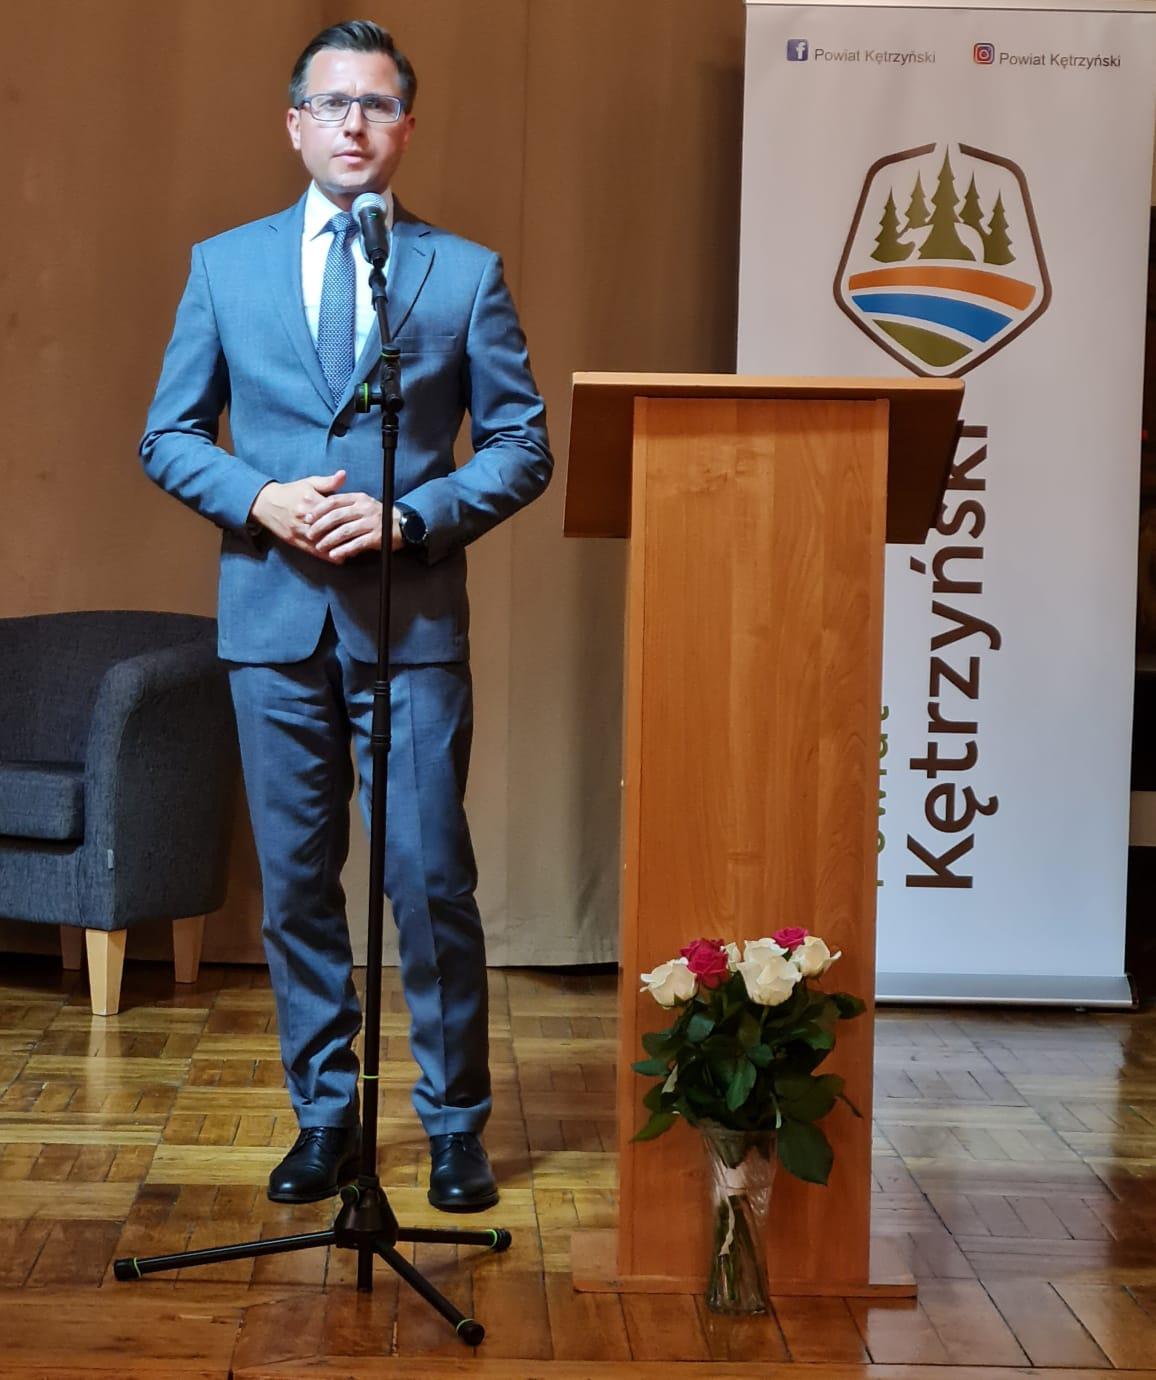 zdjęcie przedstawia Sarostę Kętrzyńskiego Michała Kochanowskiego